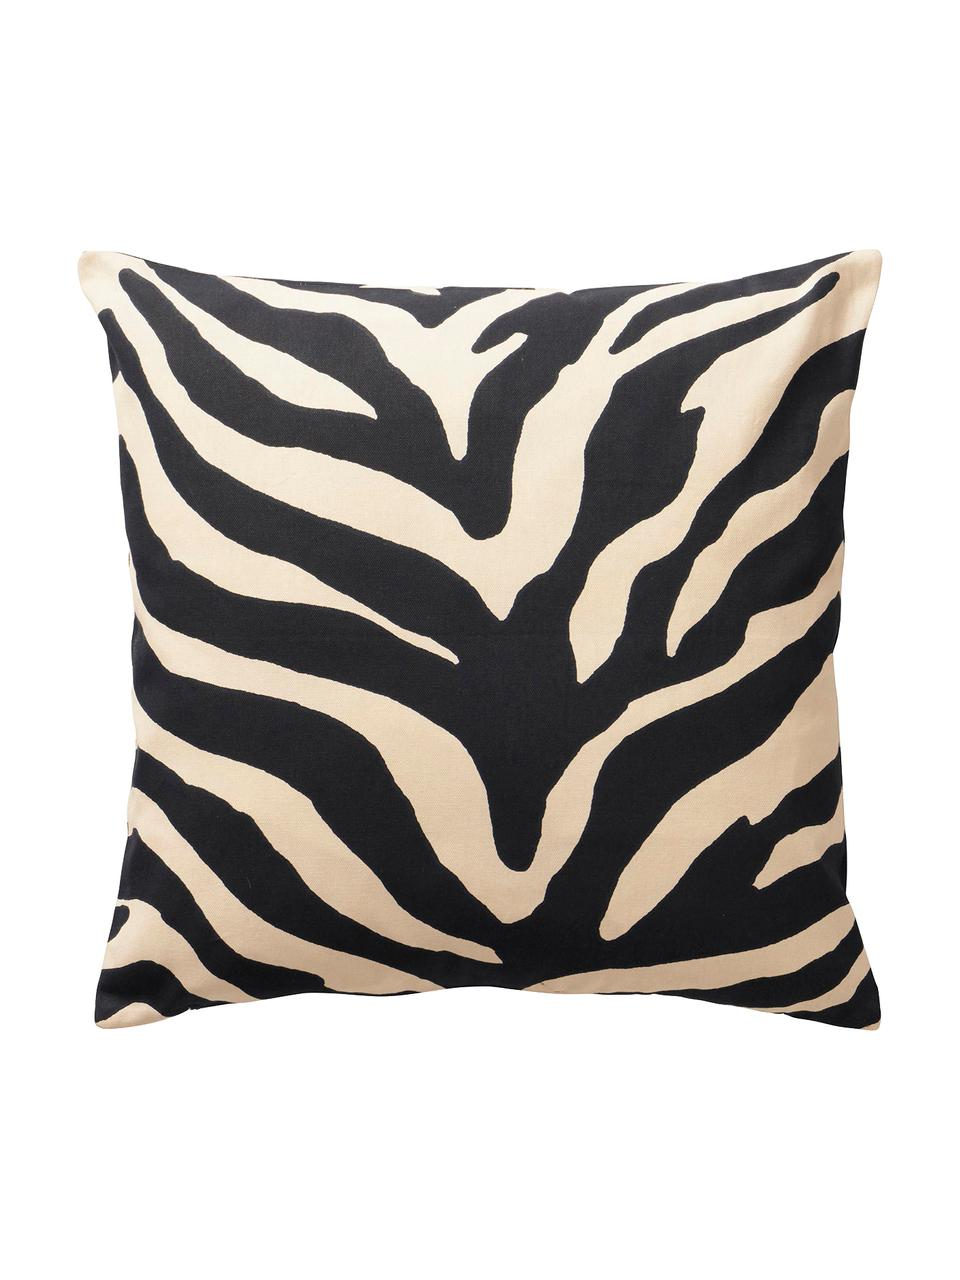 Komplet poszewek na poduszkę Animals, 2 elem., Bawełna, Czarny, beżowy, S 45 x D 45 cm